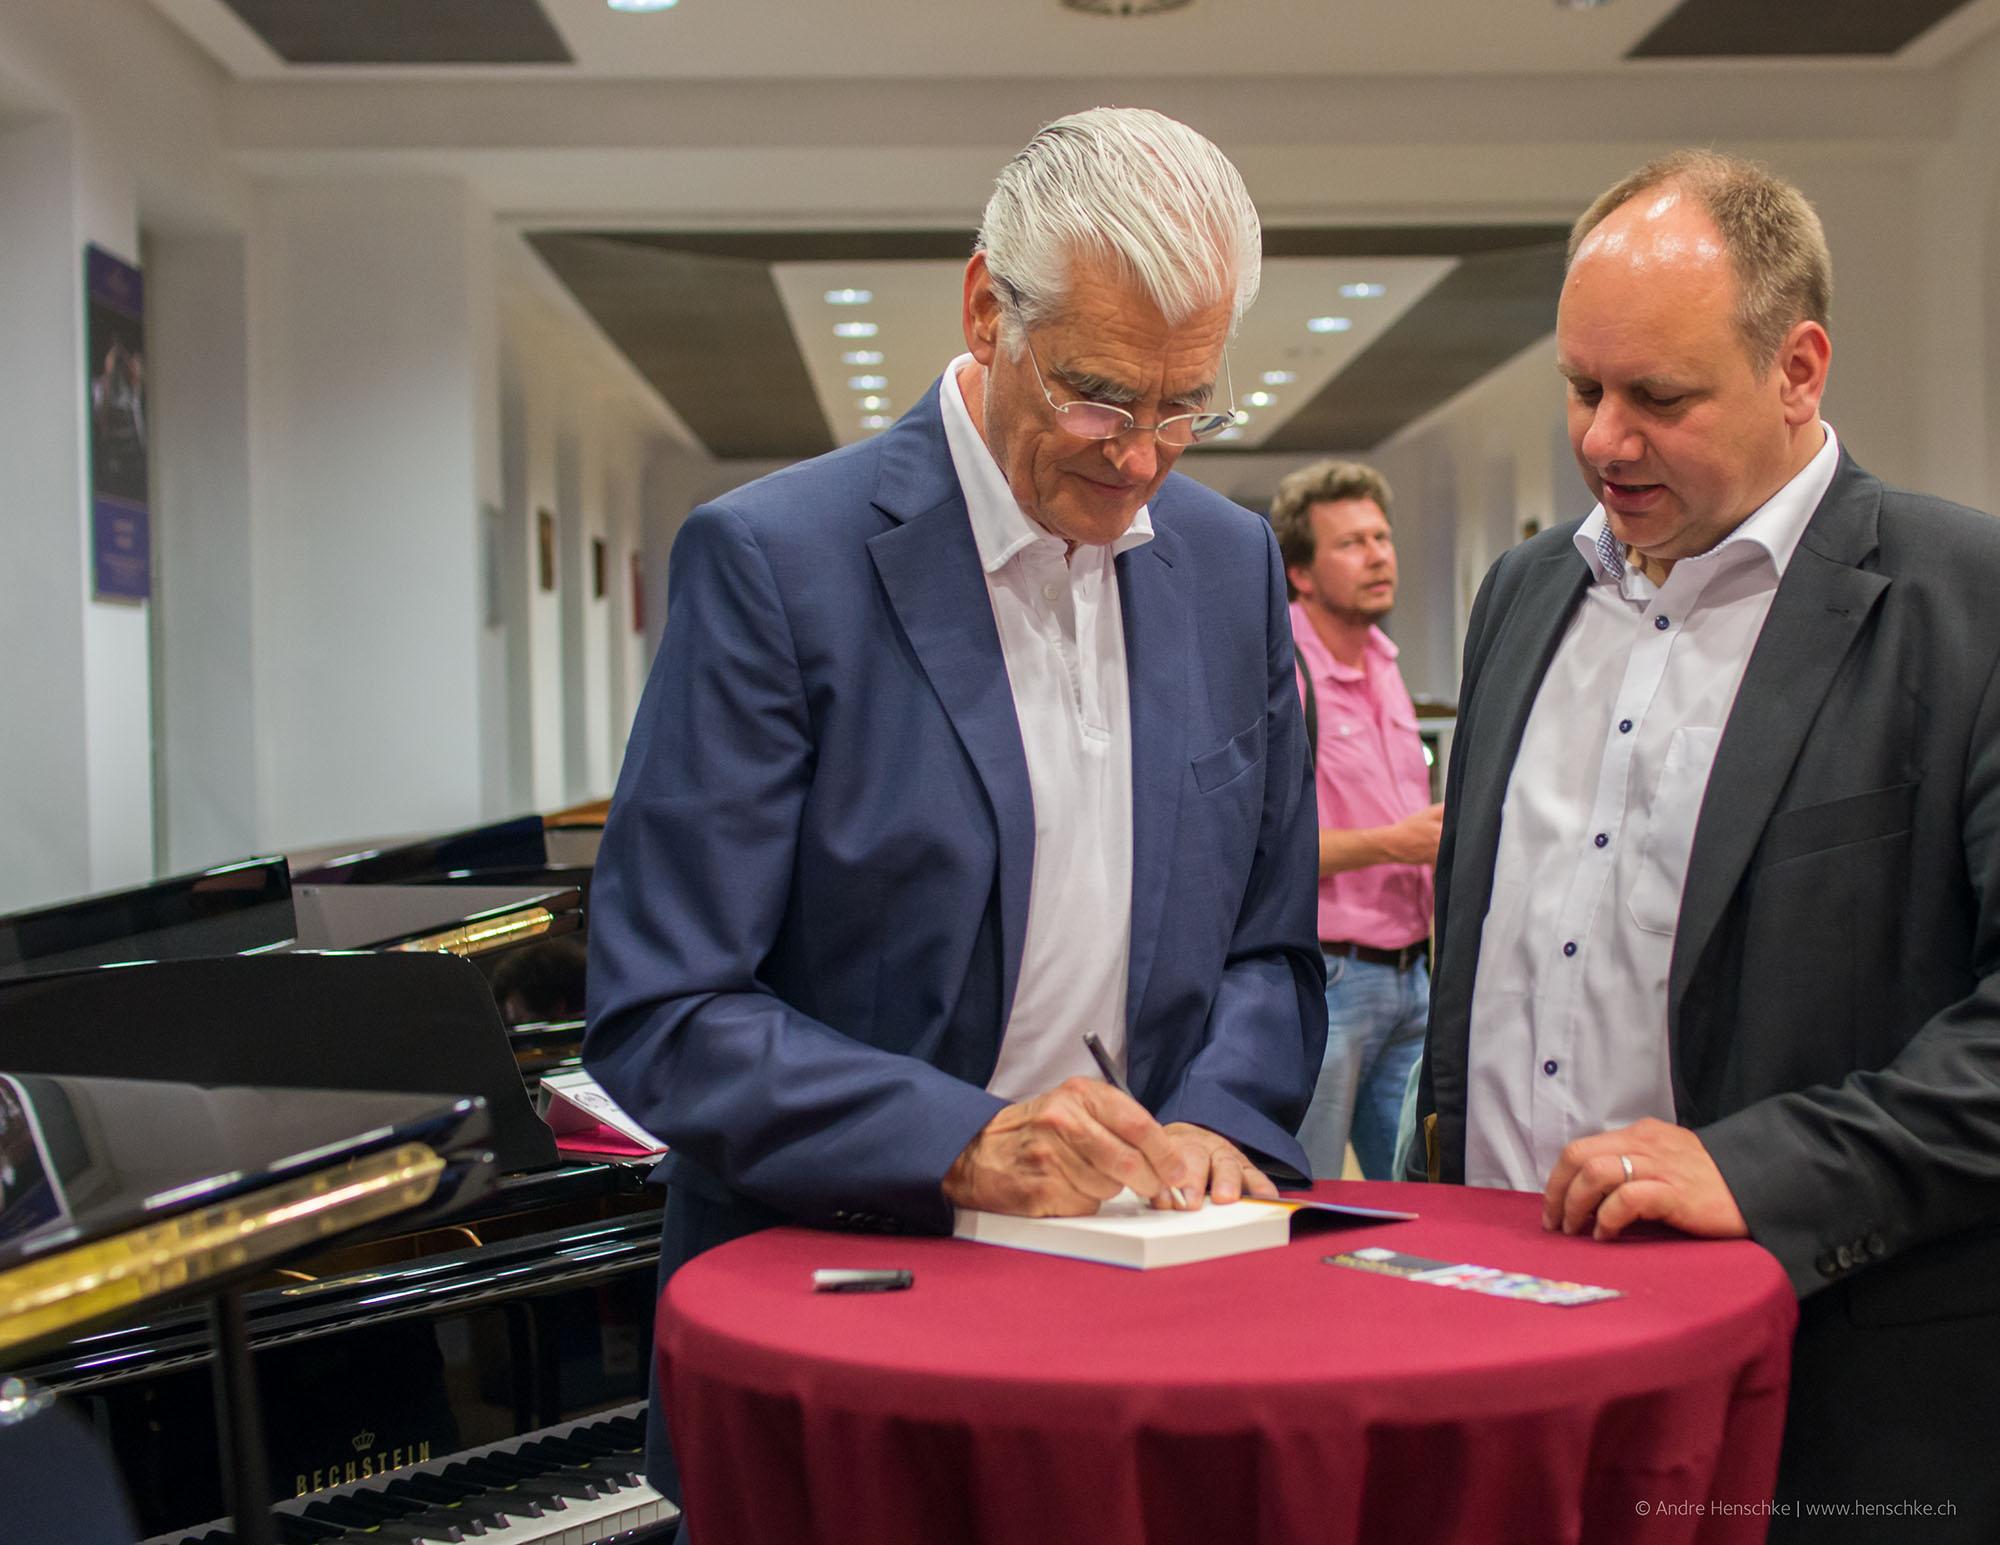 Sky du Mont signiert ein Buch für OB Dirk Hilbert